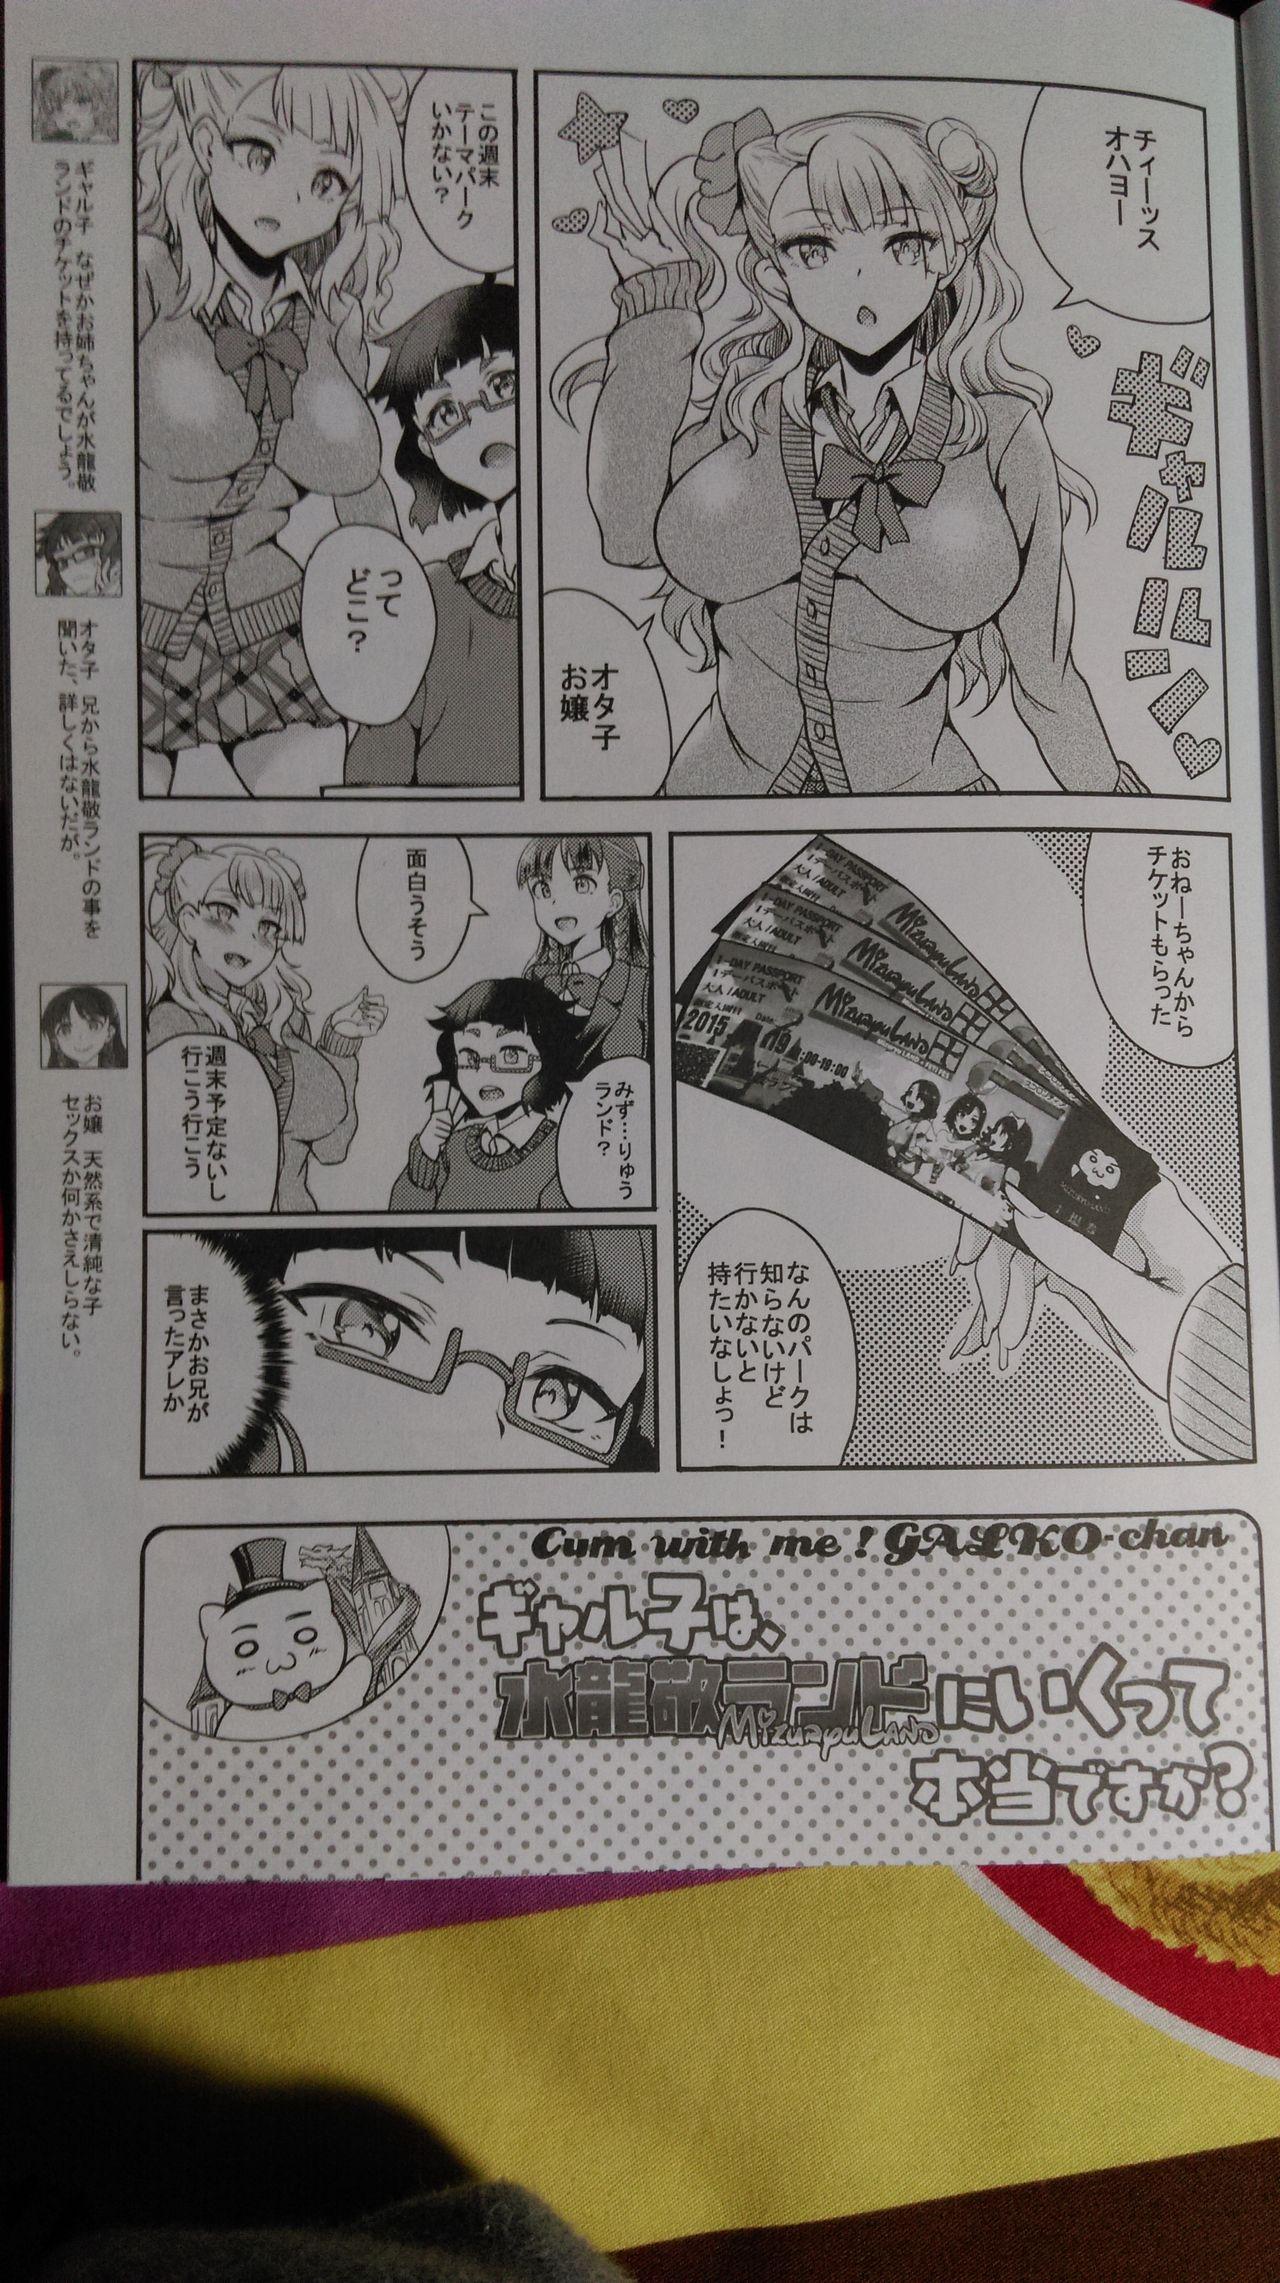 (C89) [BRIO (Puyocha)] Oideyo! Galko-chan! Galko-chan wa Mizuryu Kei Land ni Ikutte Hontou Desuka?(Oshiete! Galko-chan!) 1